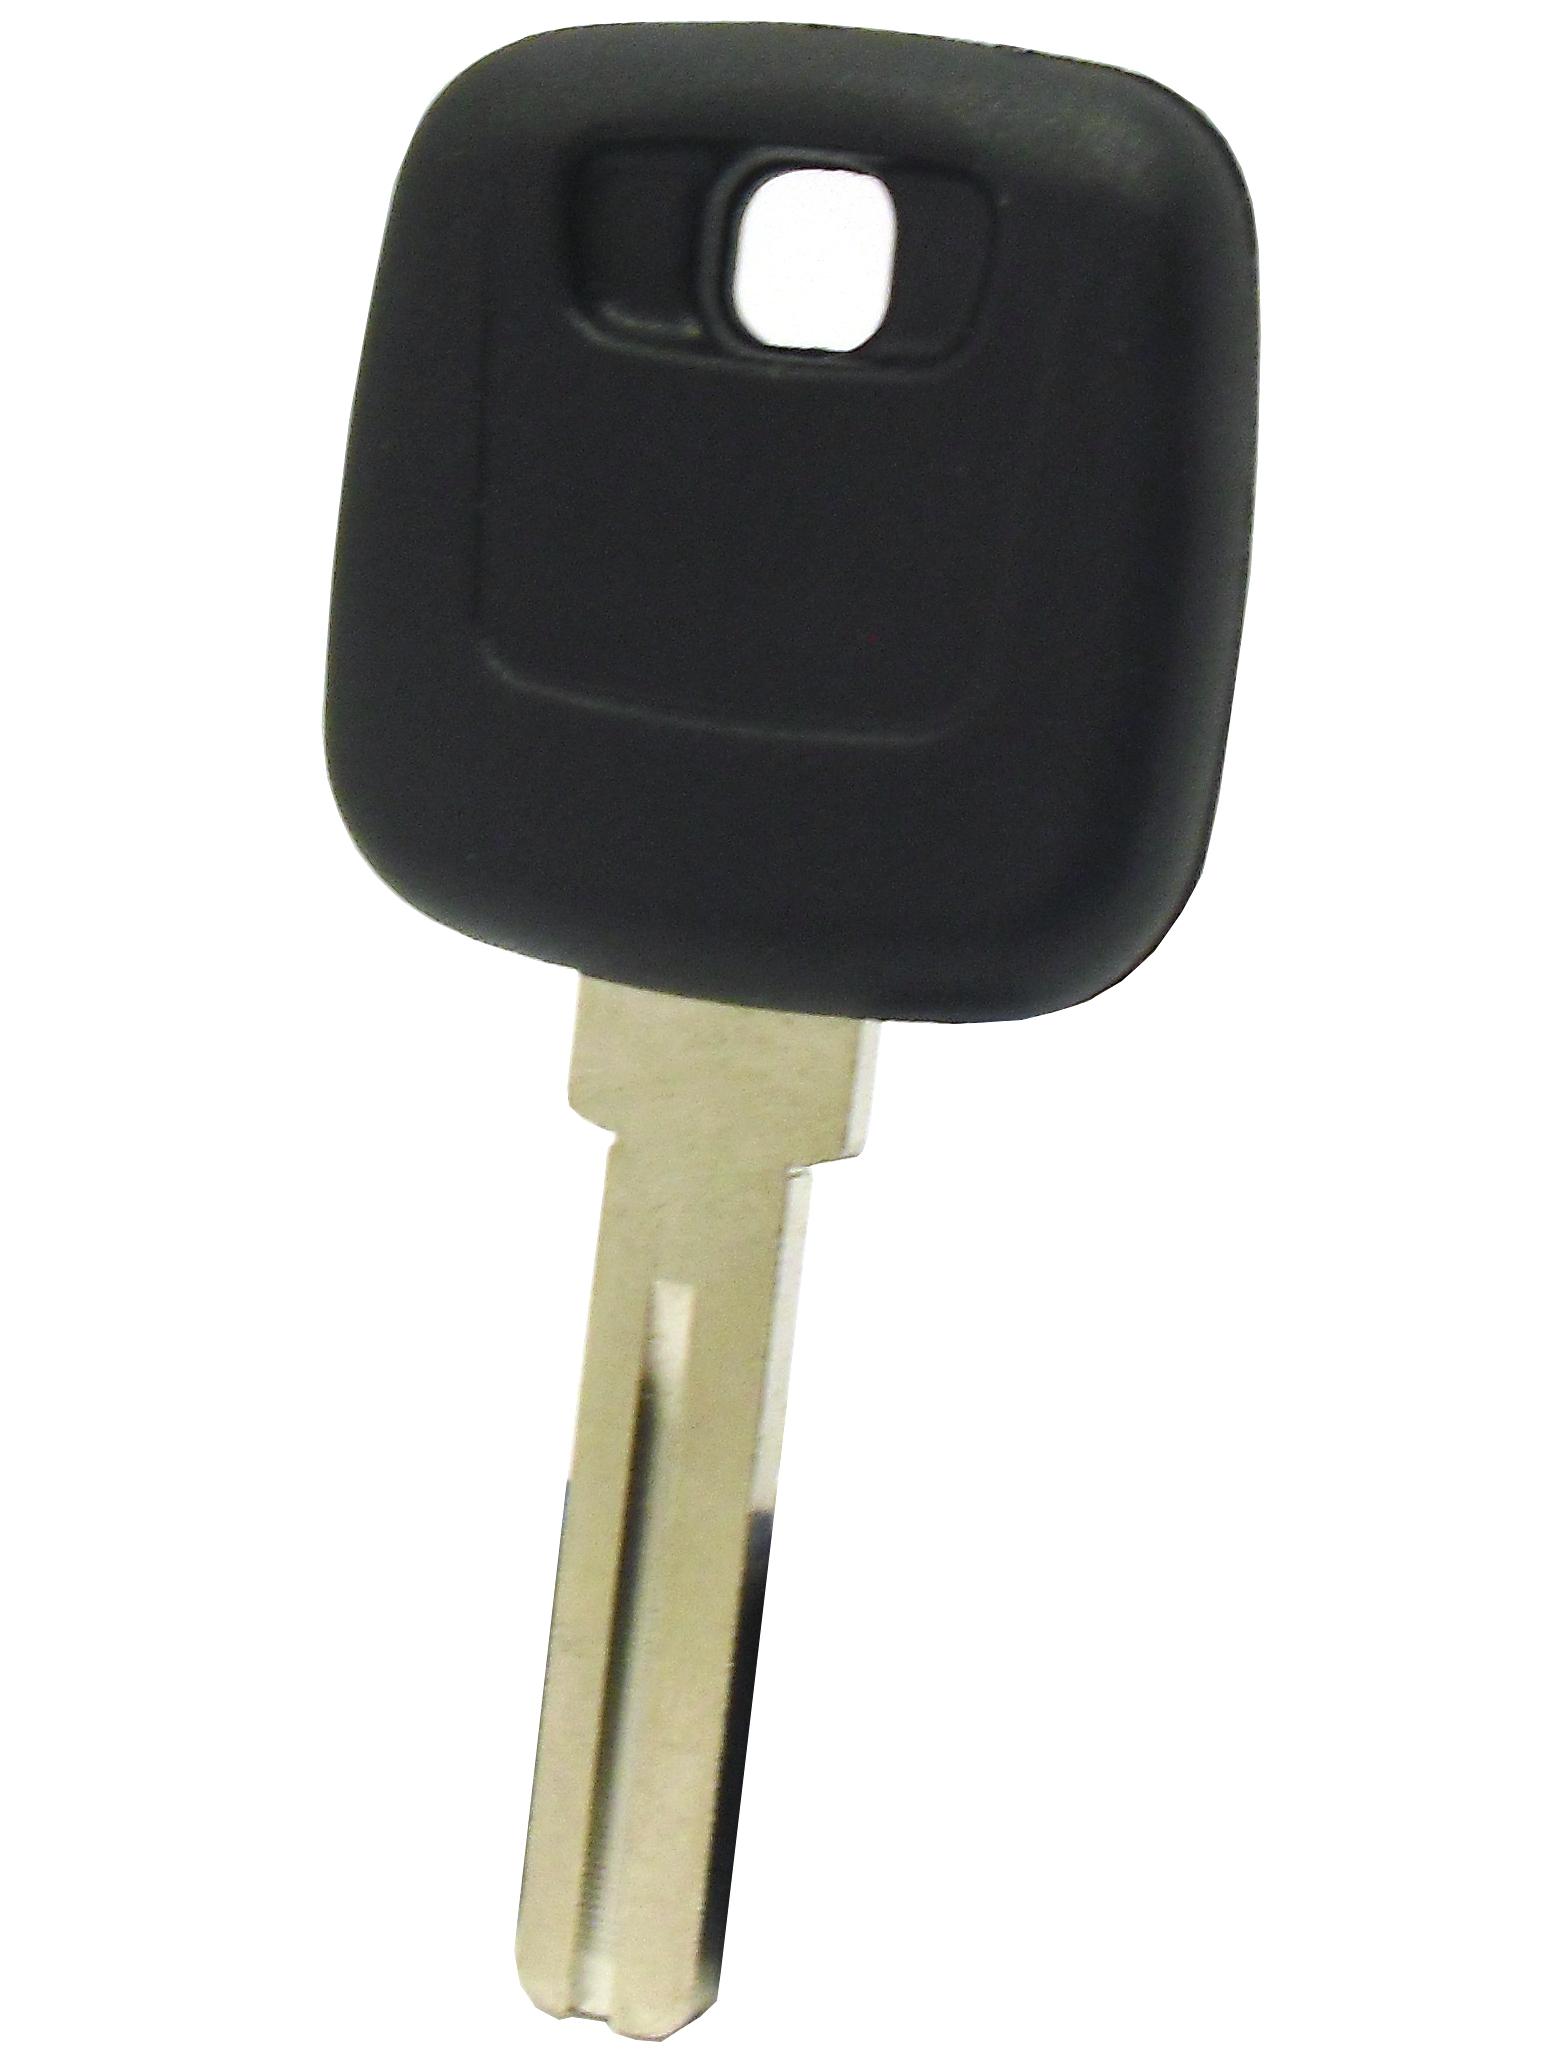 Volvo Non-Transponder Key